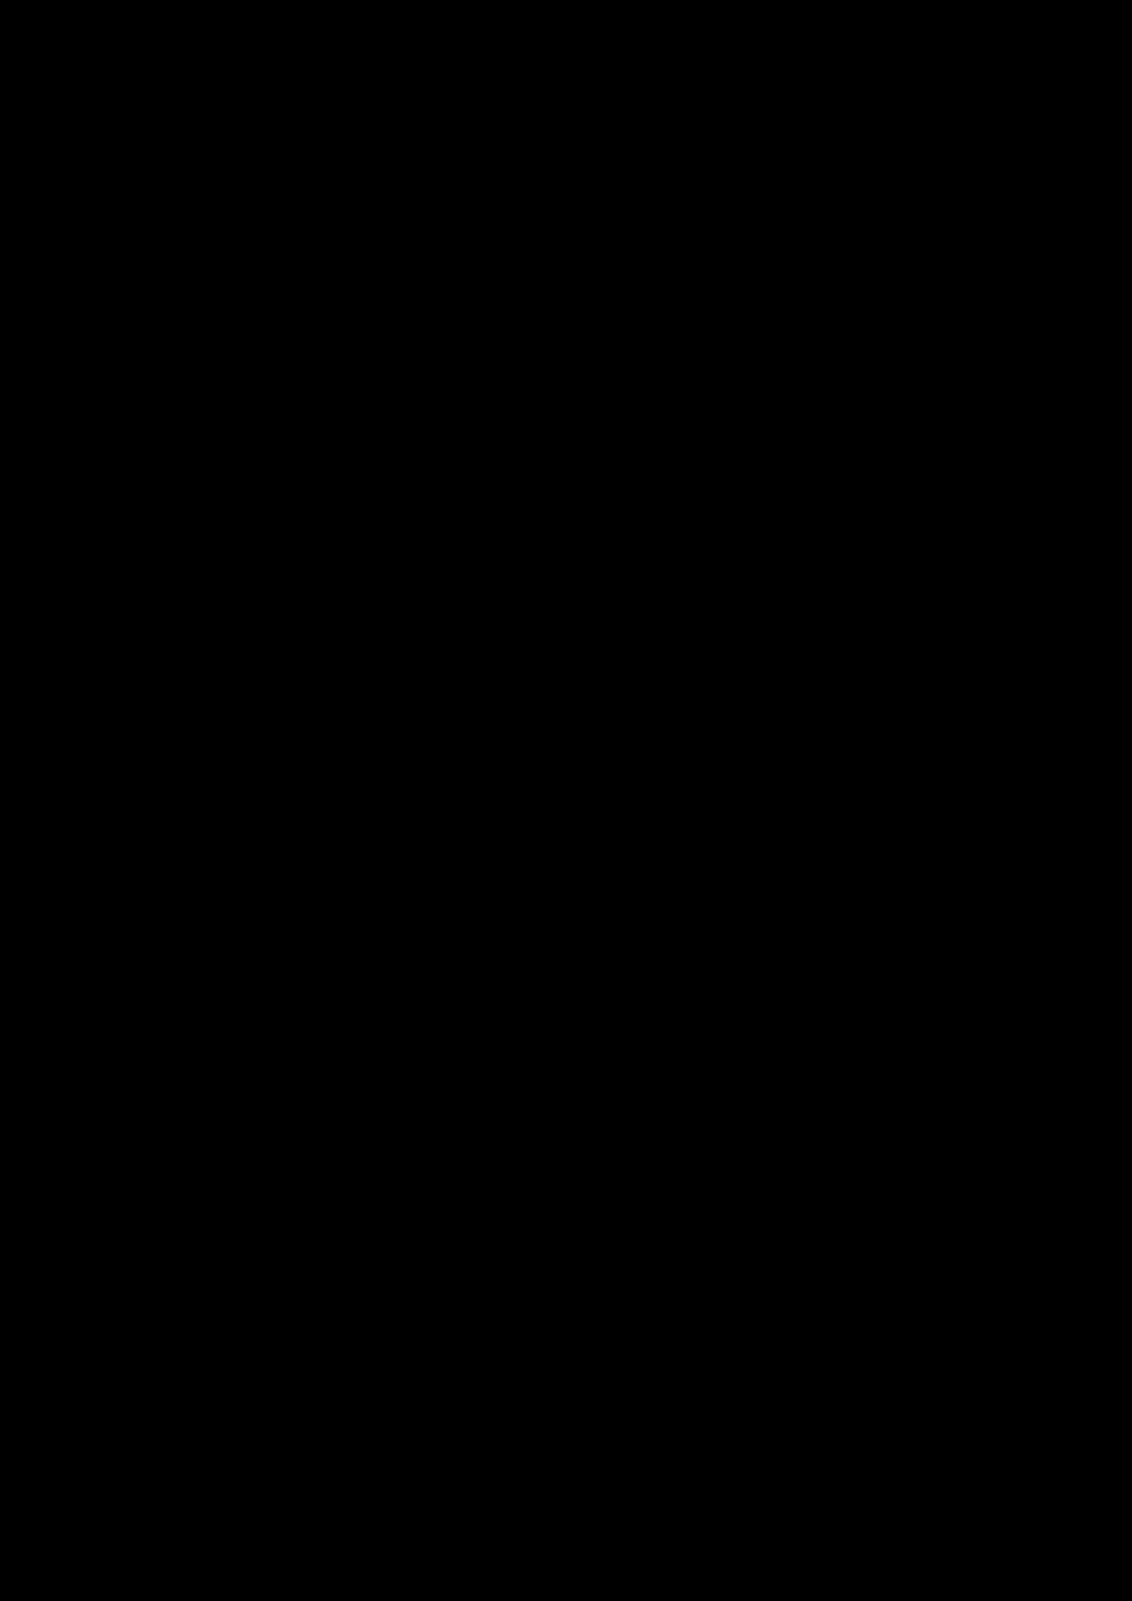 Proschanie s volshebnoy stranoy slide, Image 16